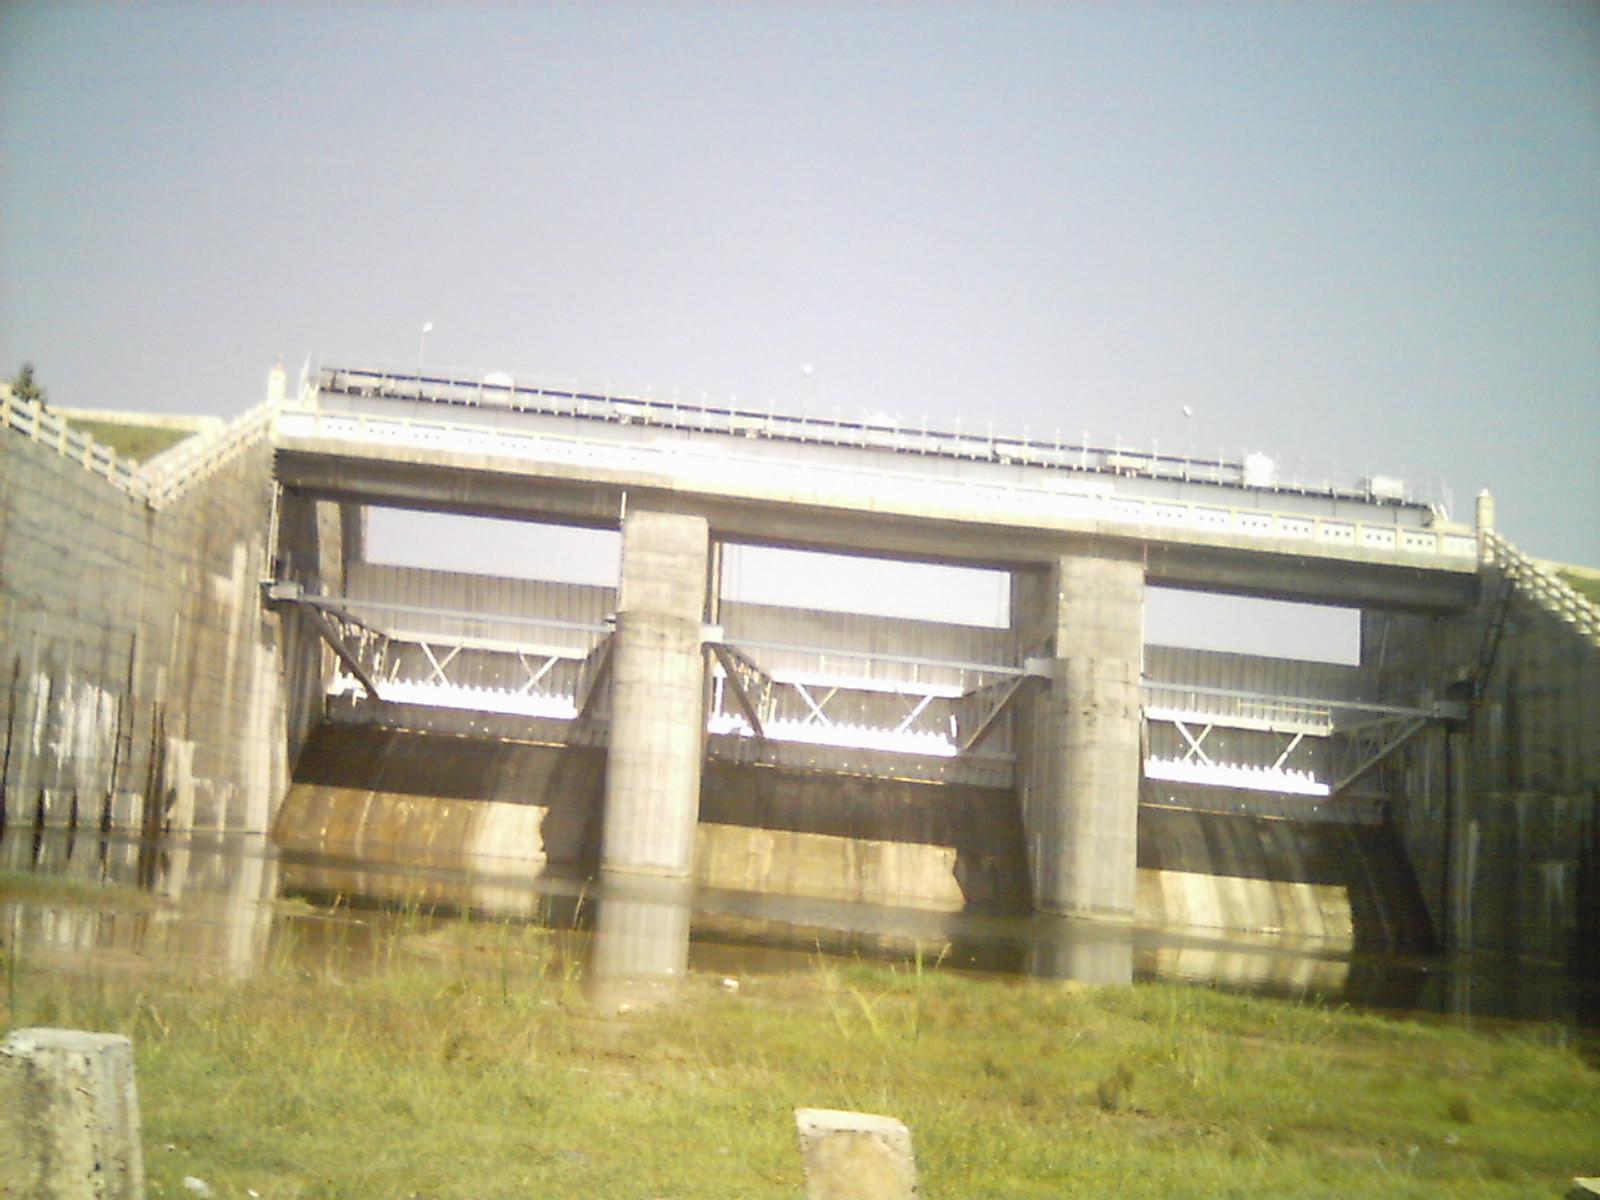 Tamilnadu Tourism: Veedur Dam, Villupuram